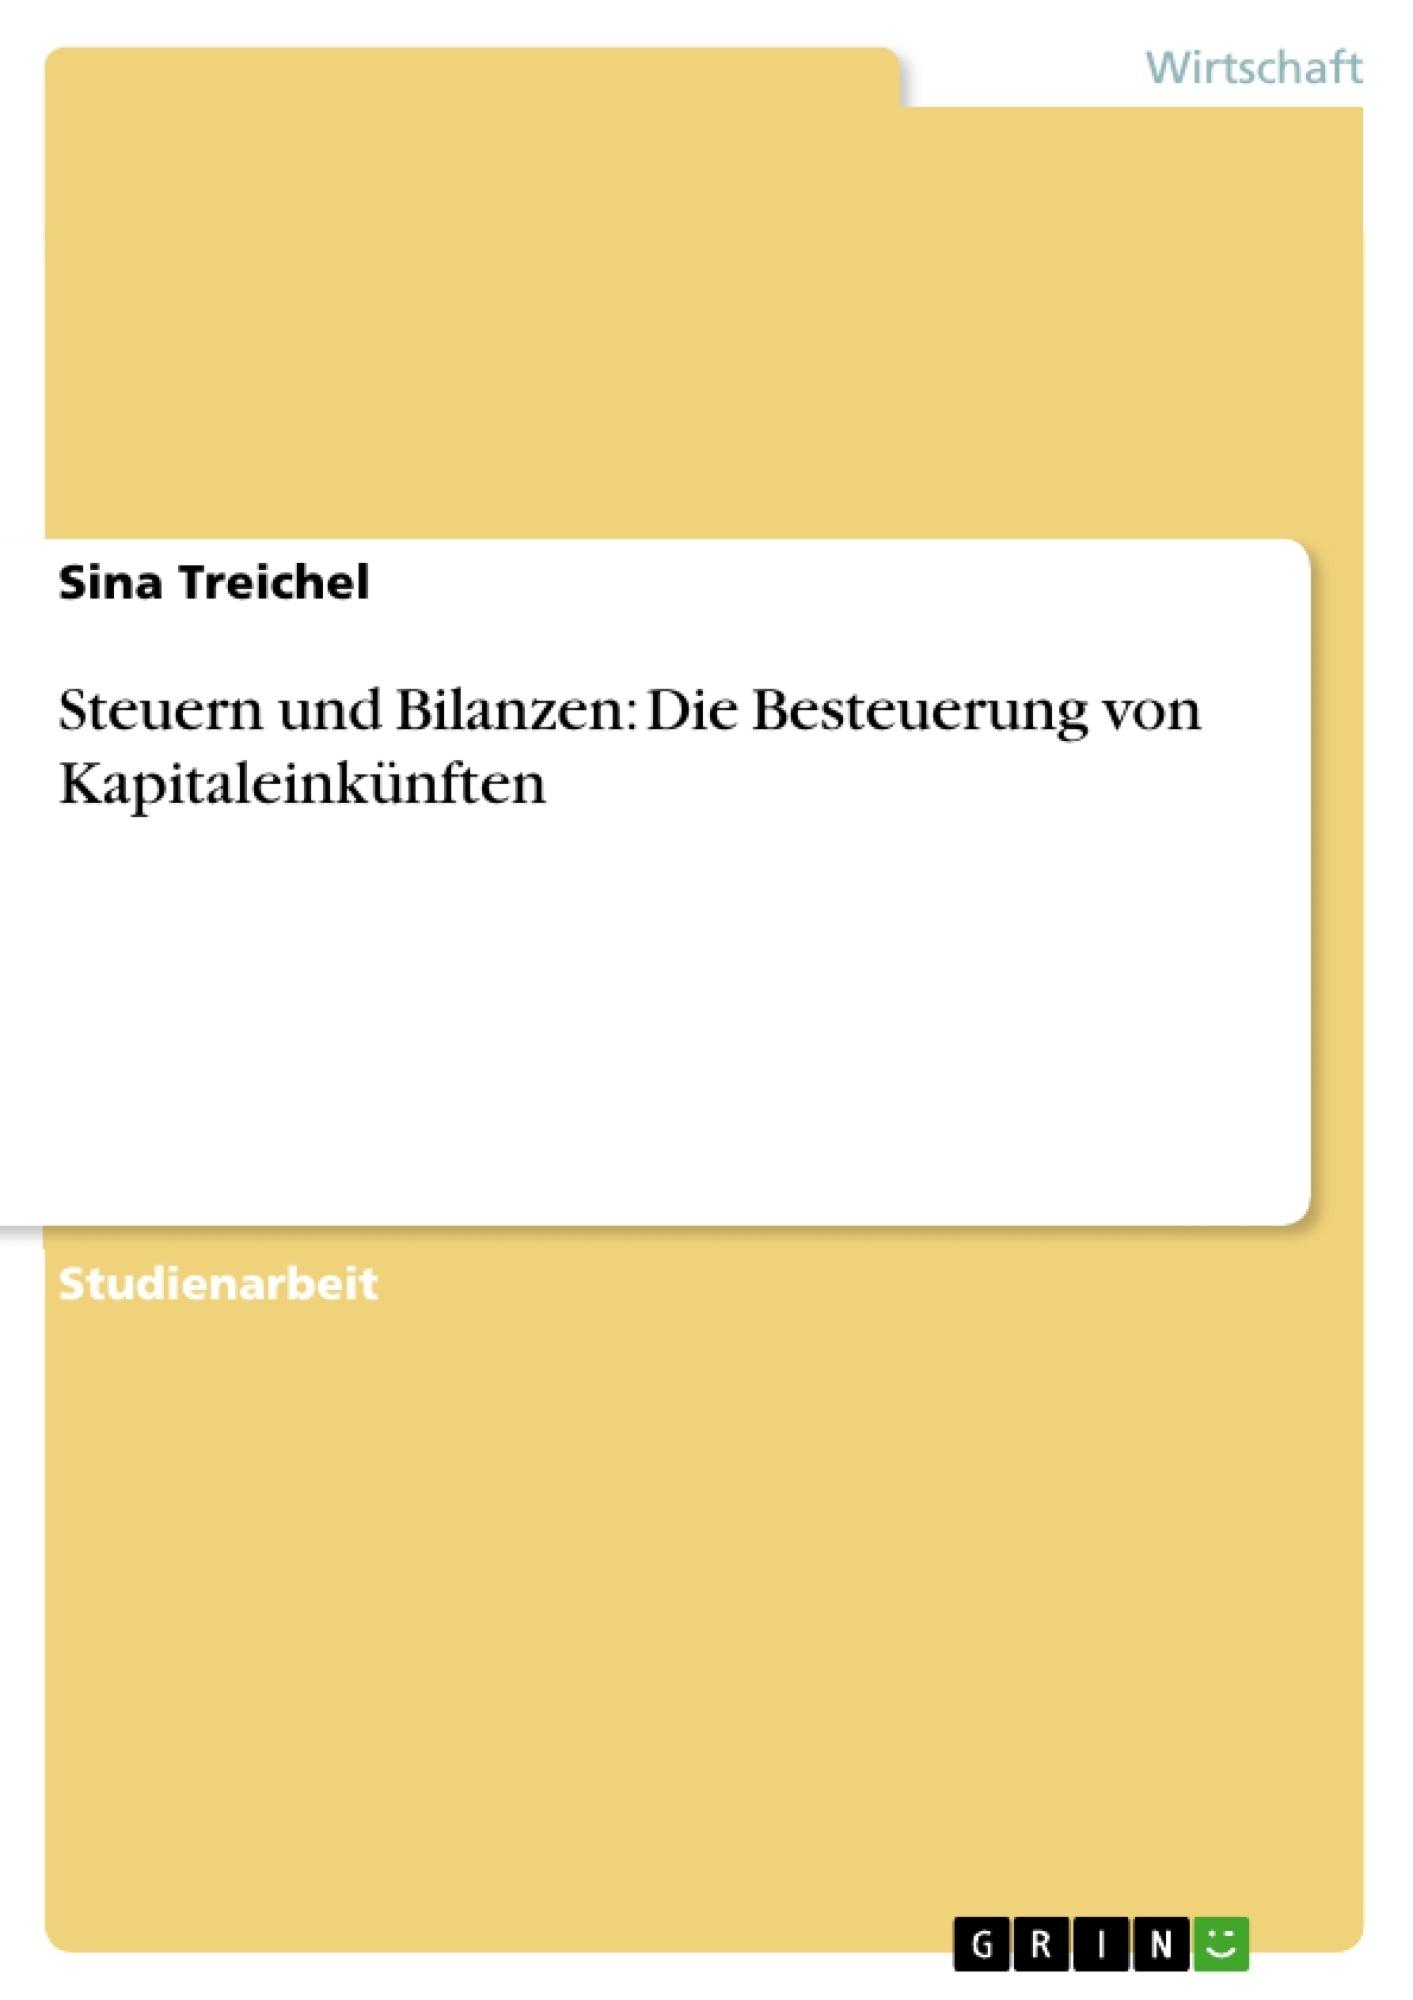 Titel: Steuern und Bilanzen: Die Besteuerung von Kapitaleinkünften